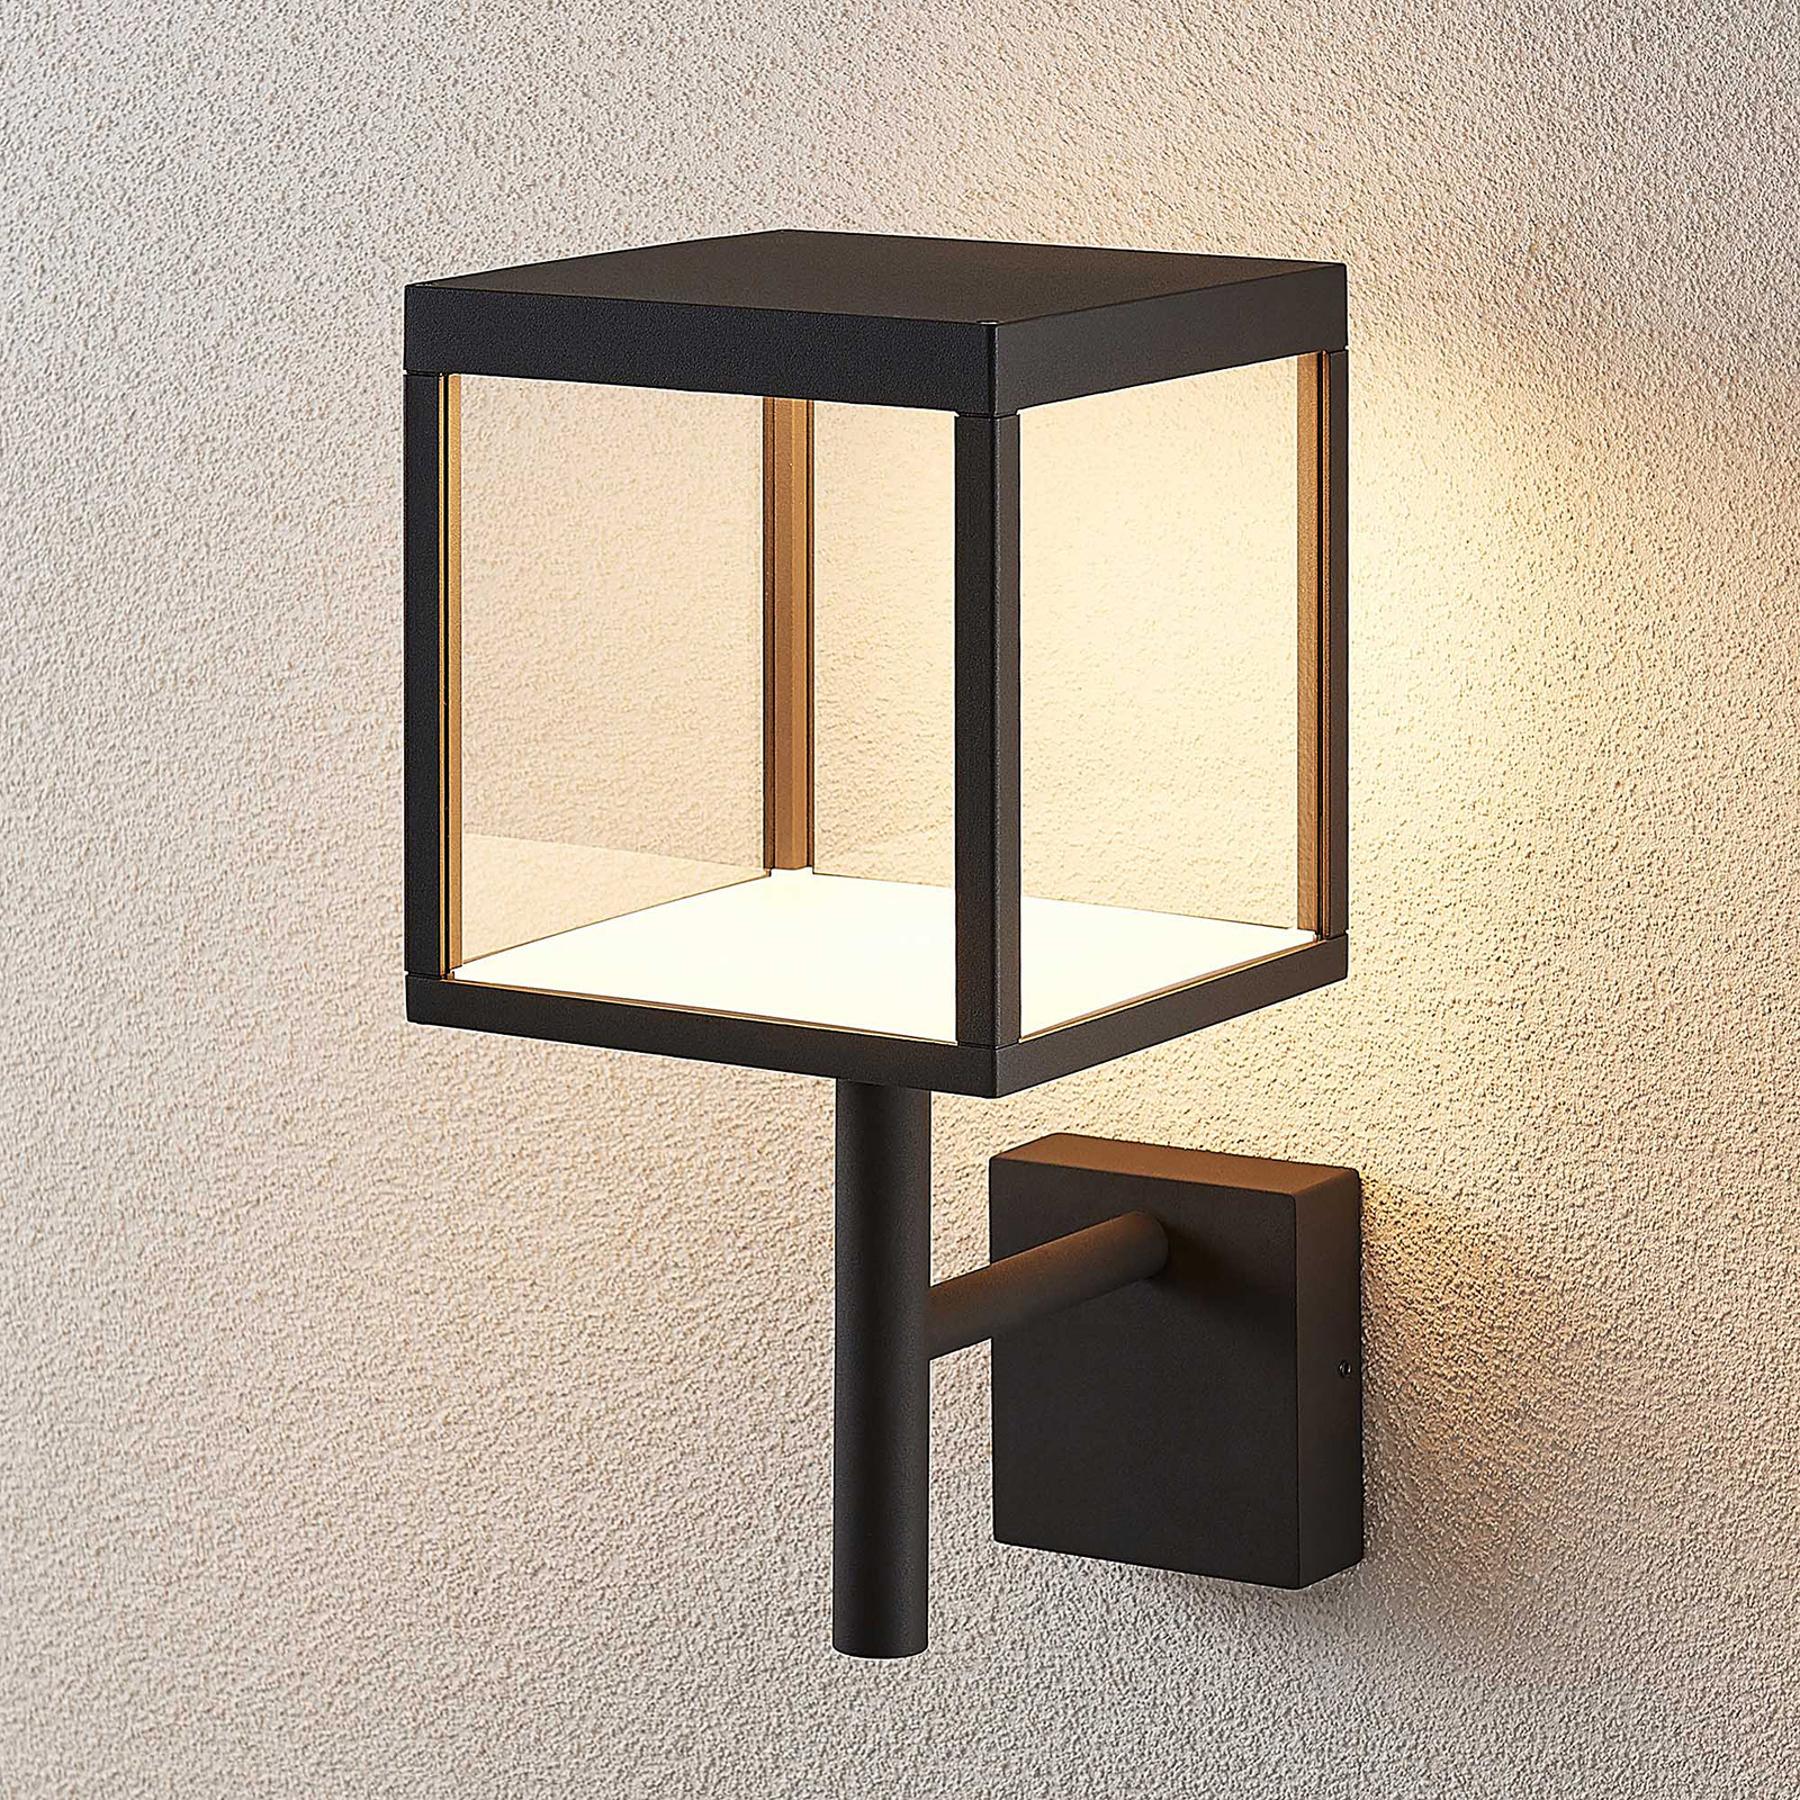 LED-ulkoseinävalaisin Cube lasivarjostimella